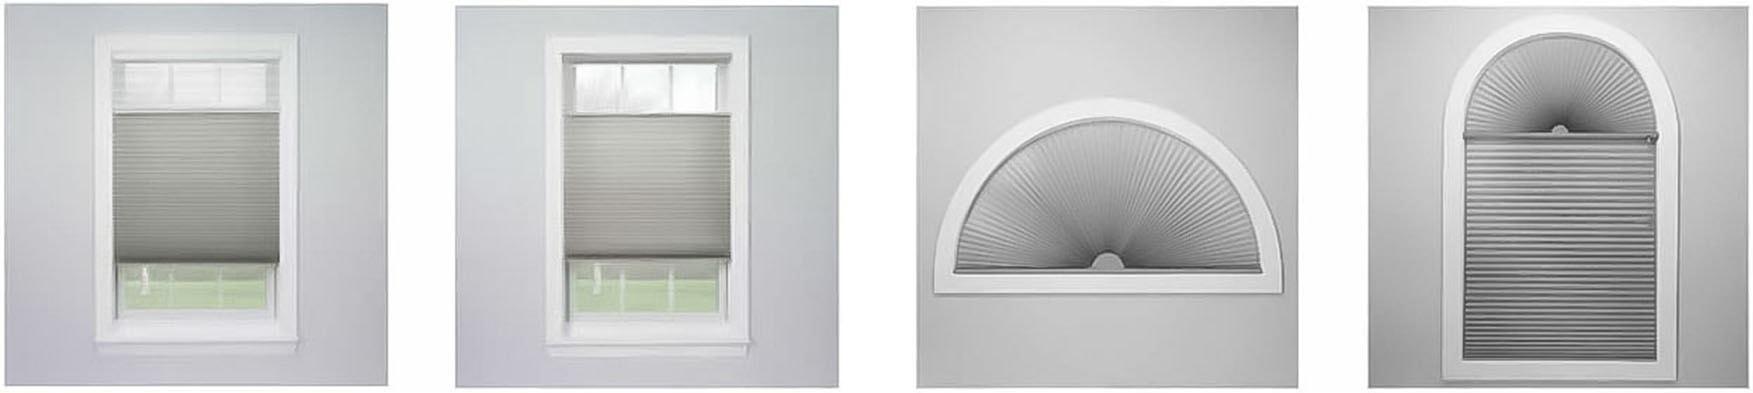 Plisuotų žaliuzių formos netradiciniams langams